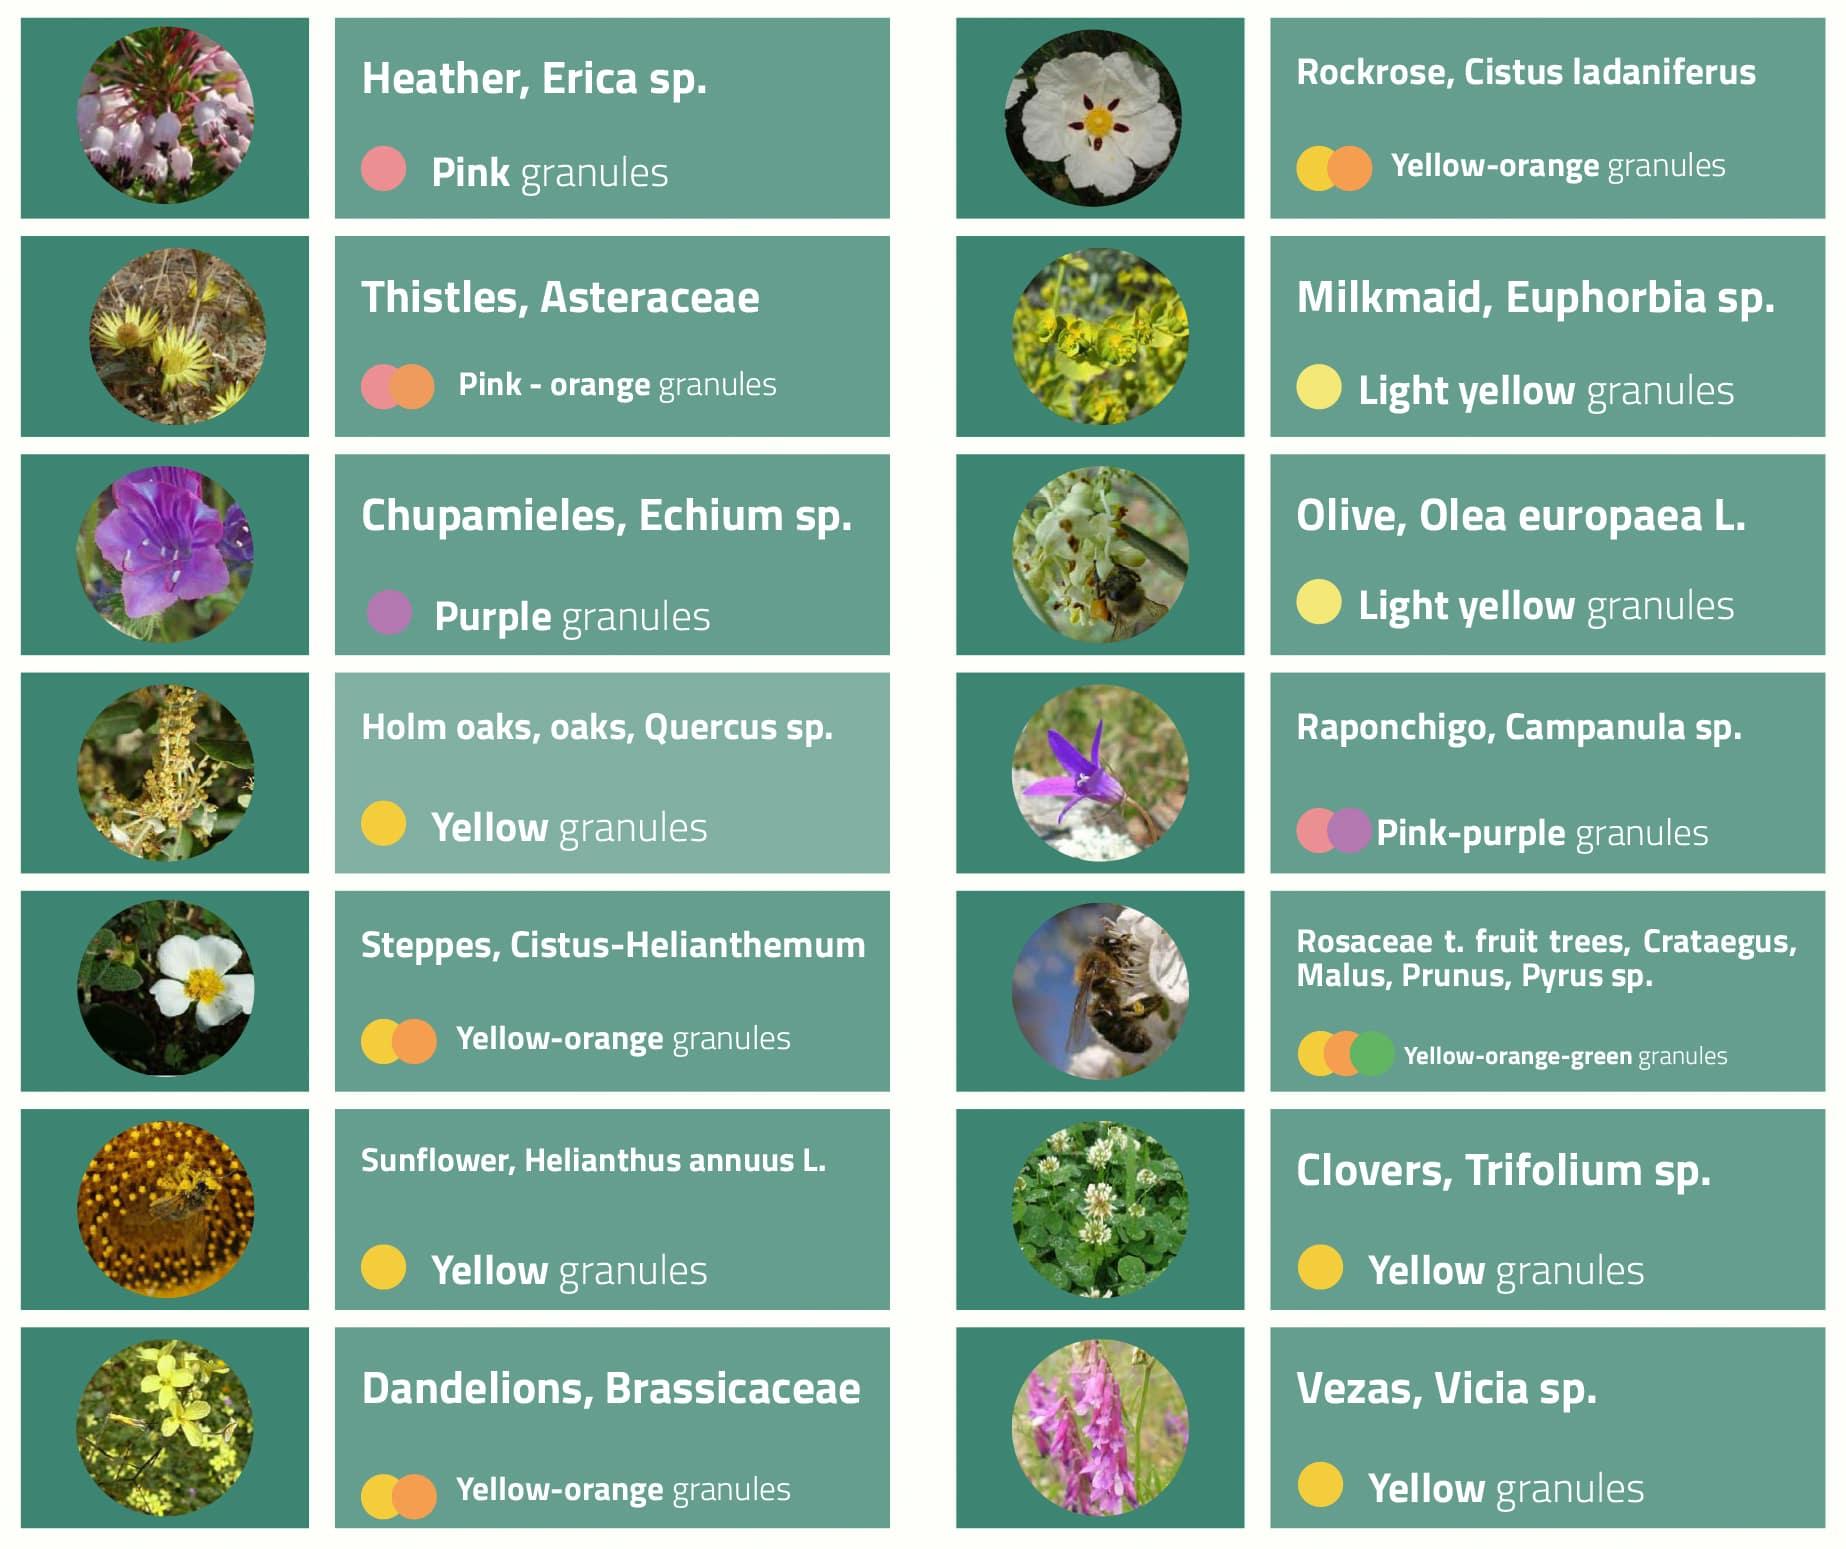 Botanical origins of the bee pollen